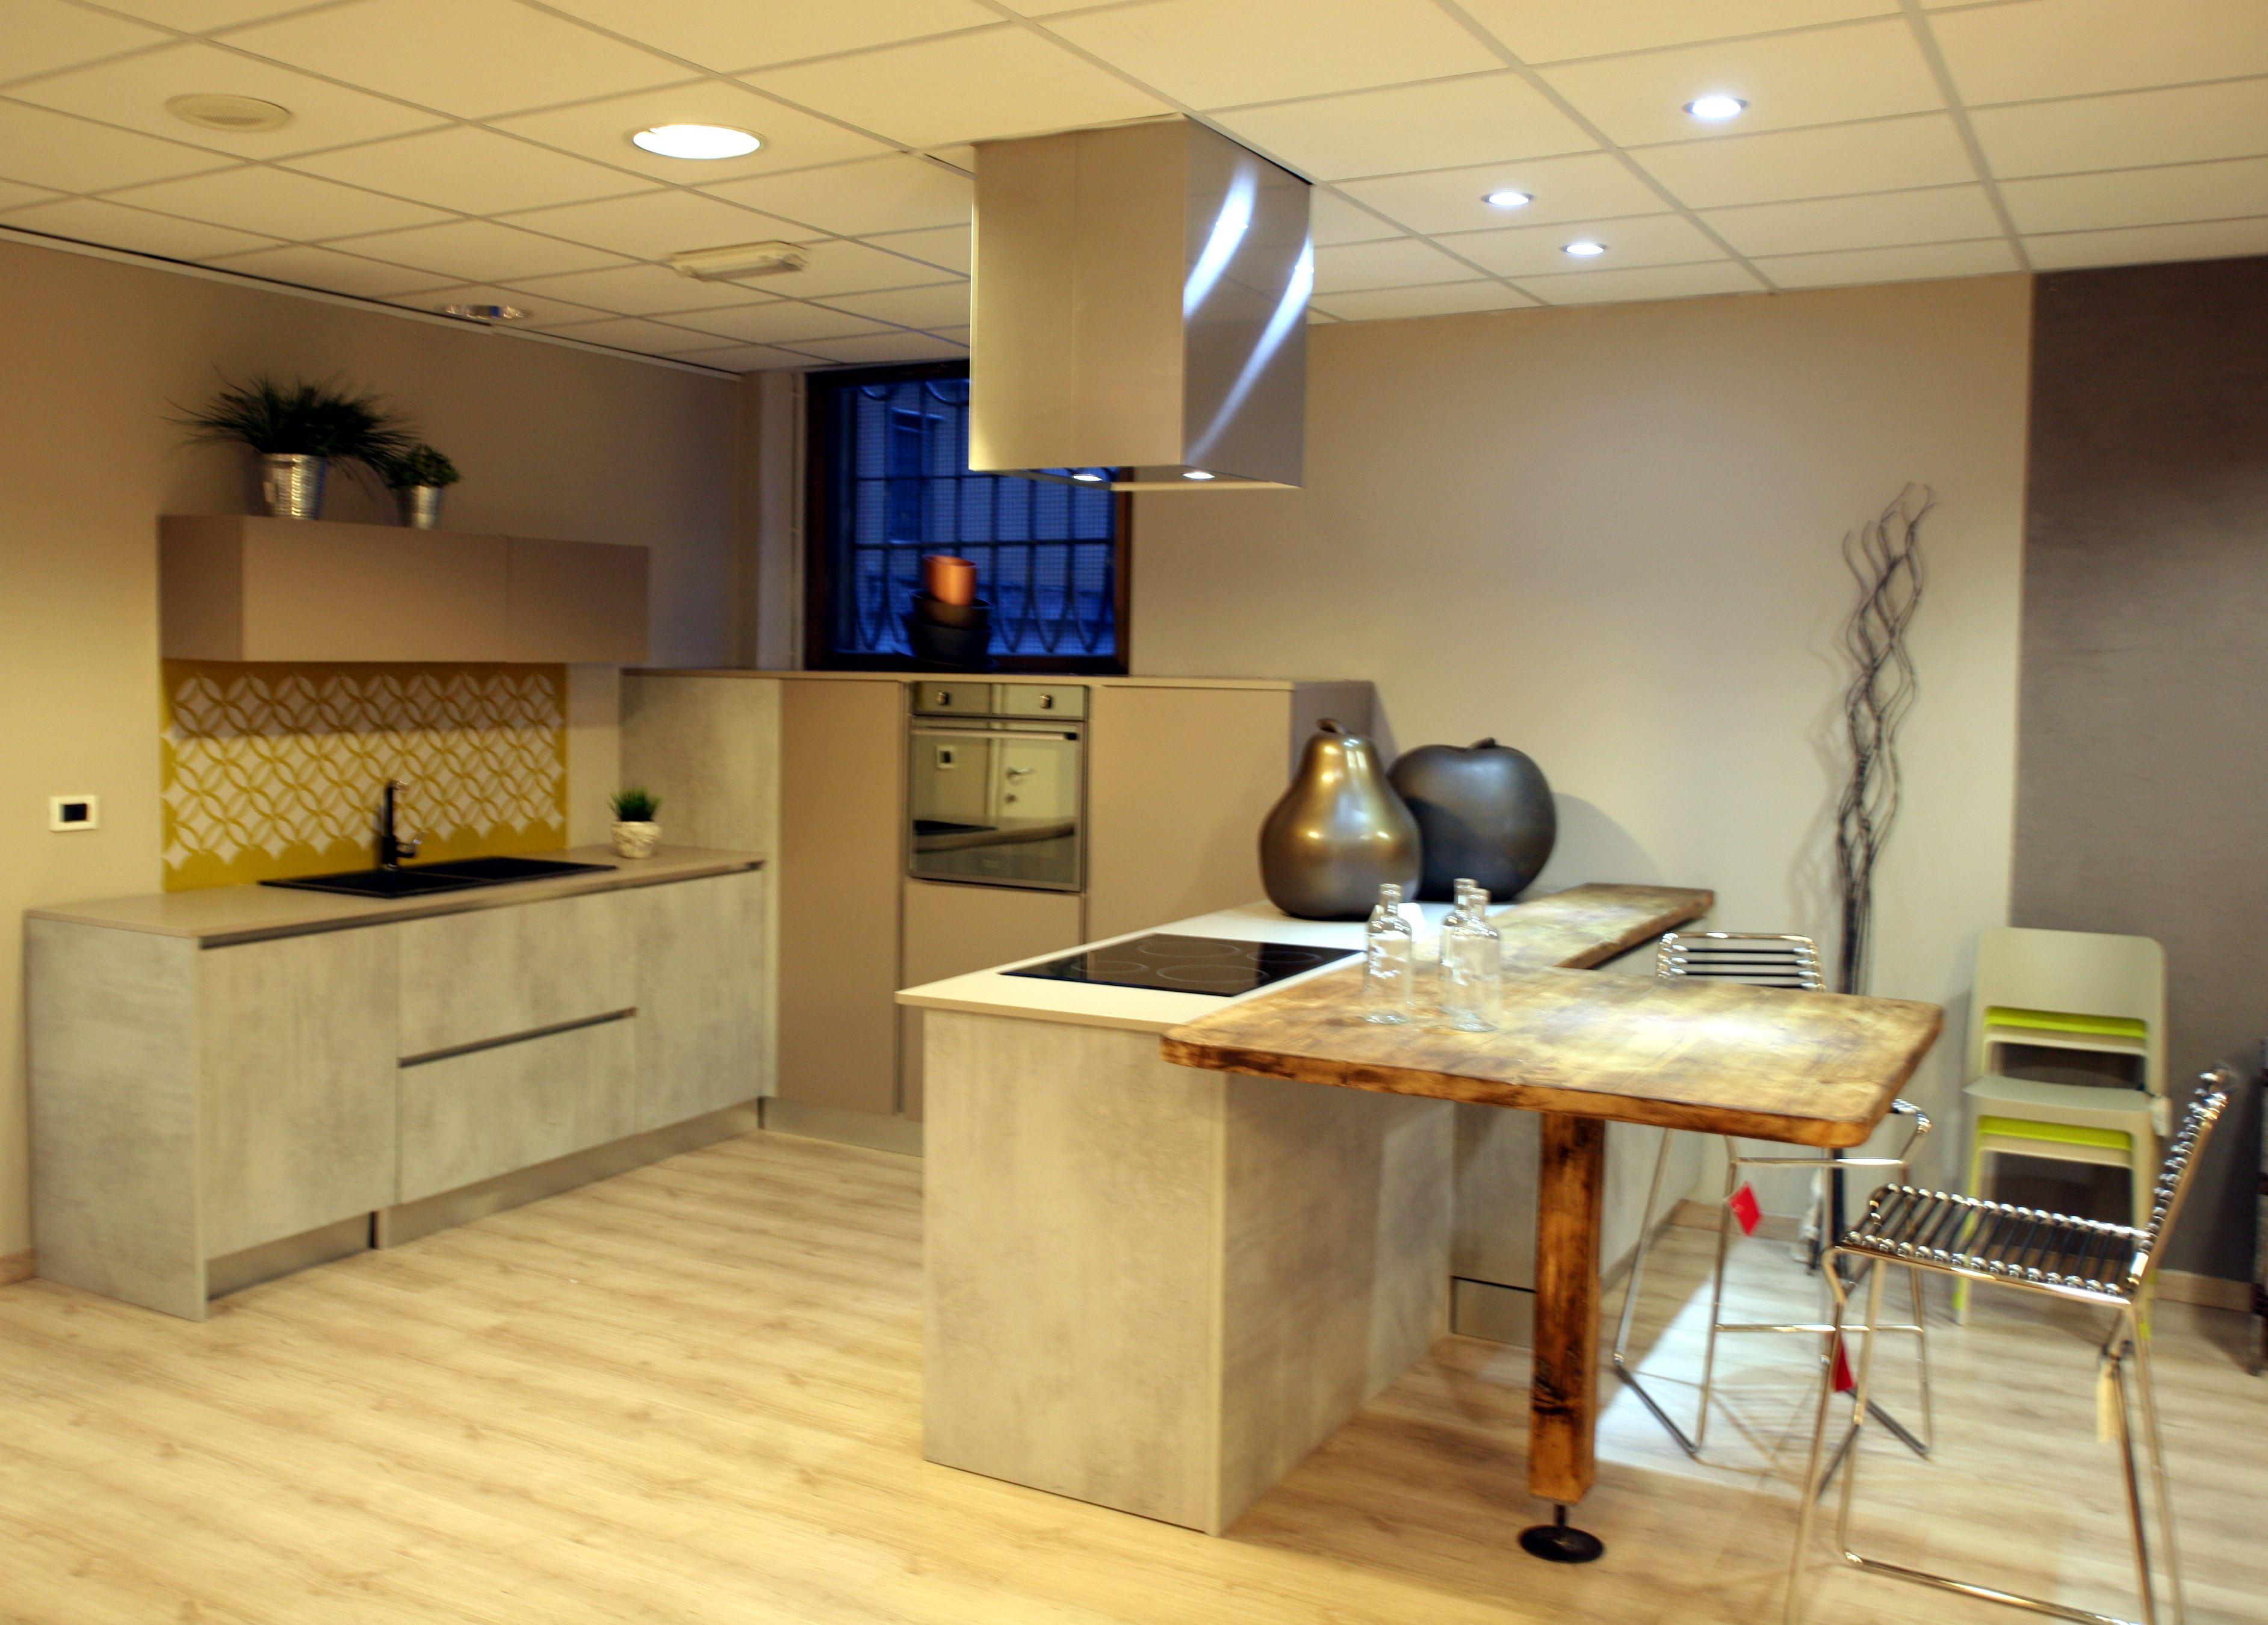 Offerta cucina lube immagina neck scontata del 40 - Cucina lube immagina ...